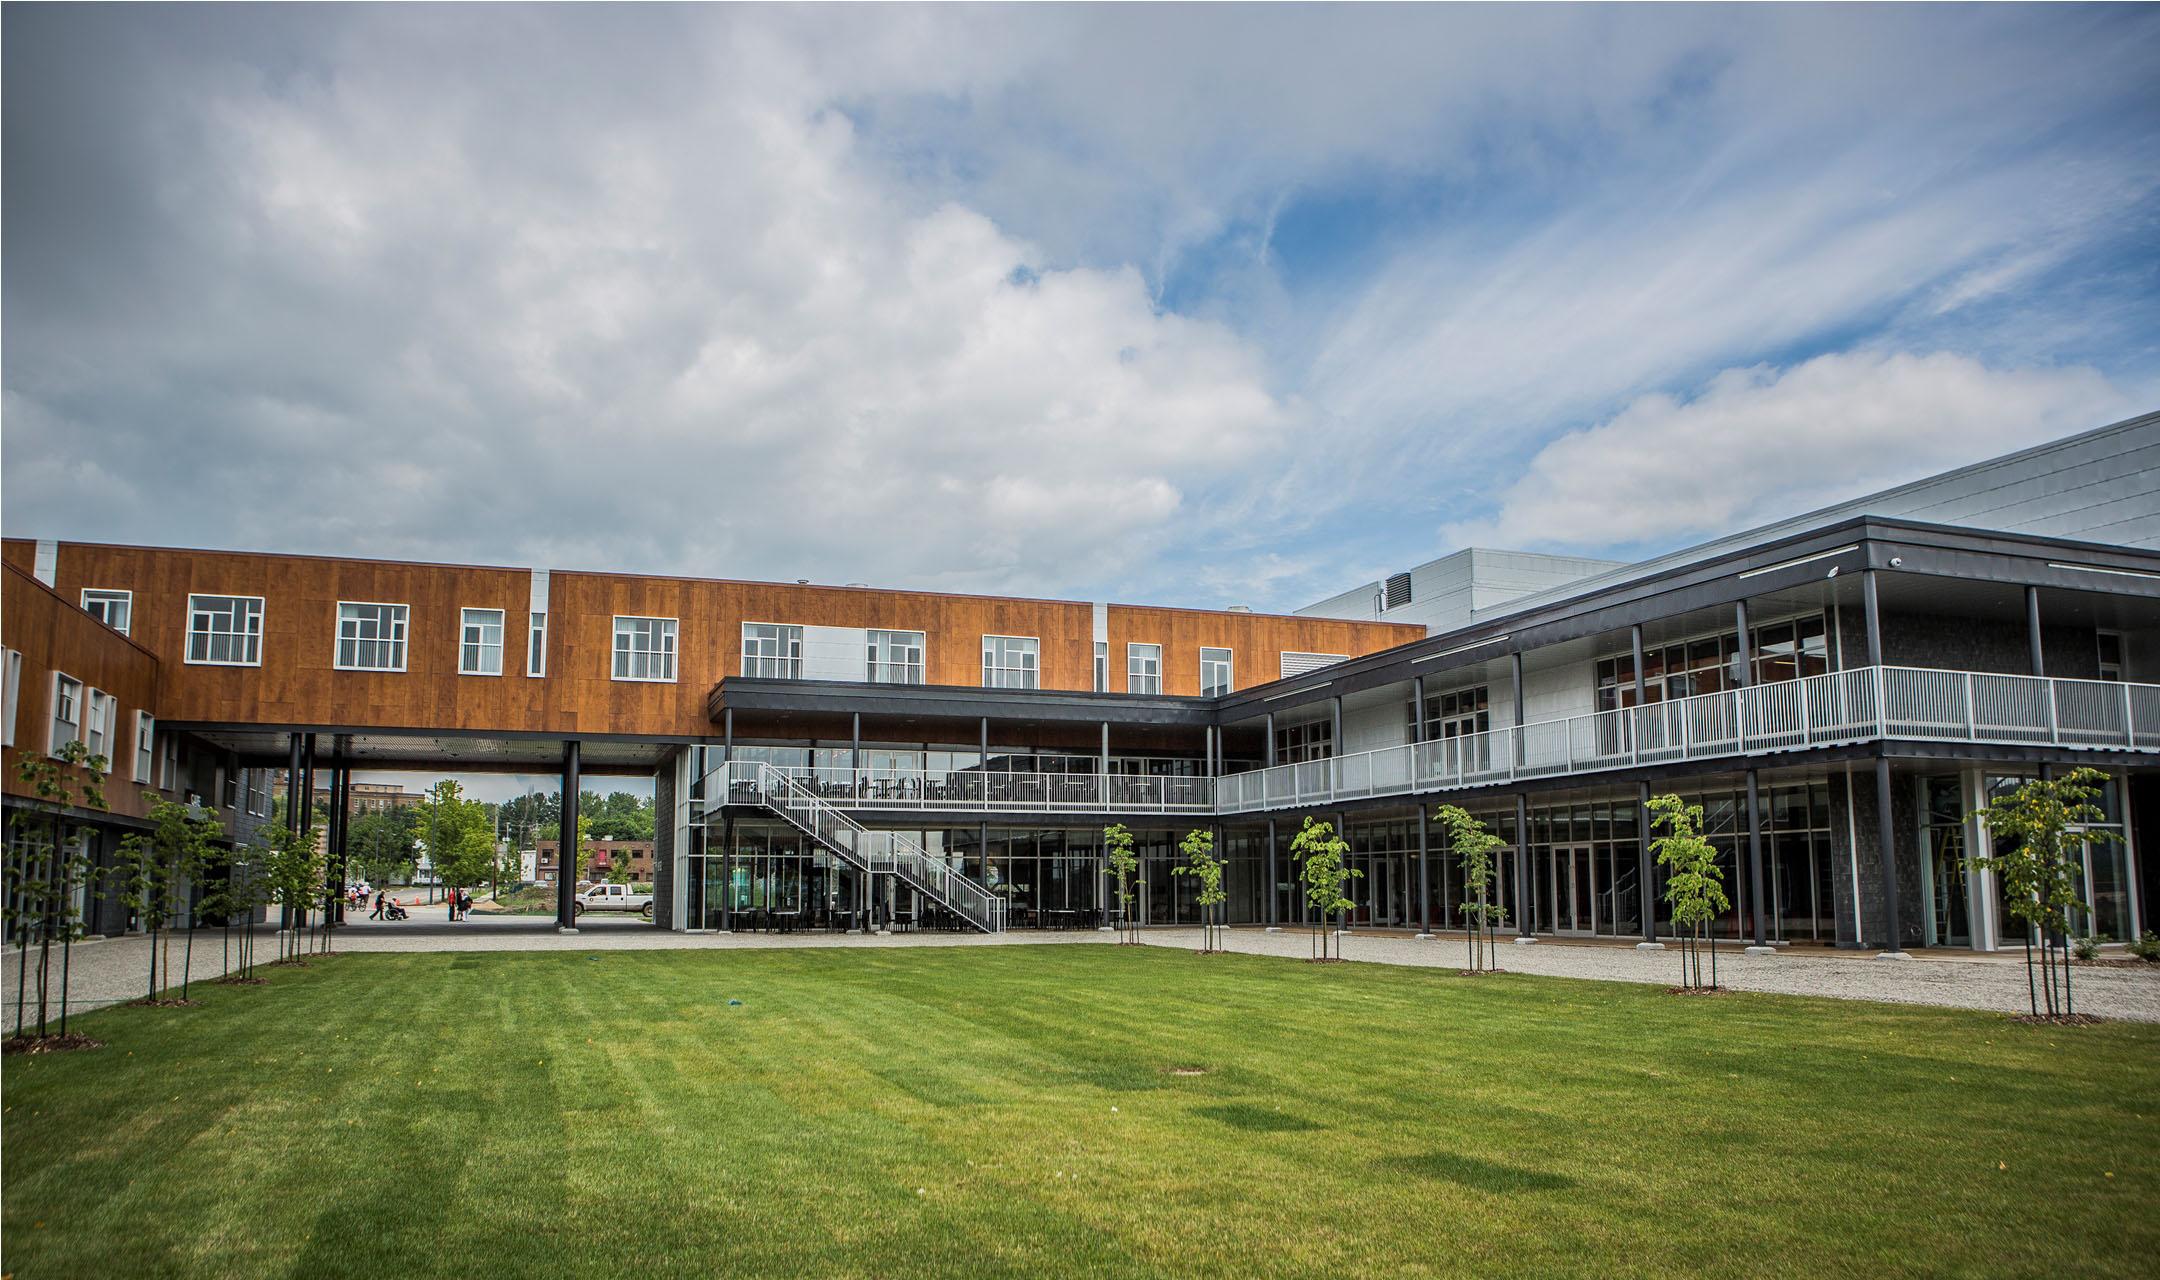 La ferme hotel complex baie saint paul ems for A la chouette maison baie st paul